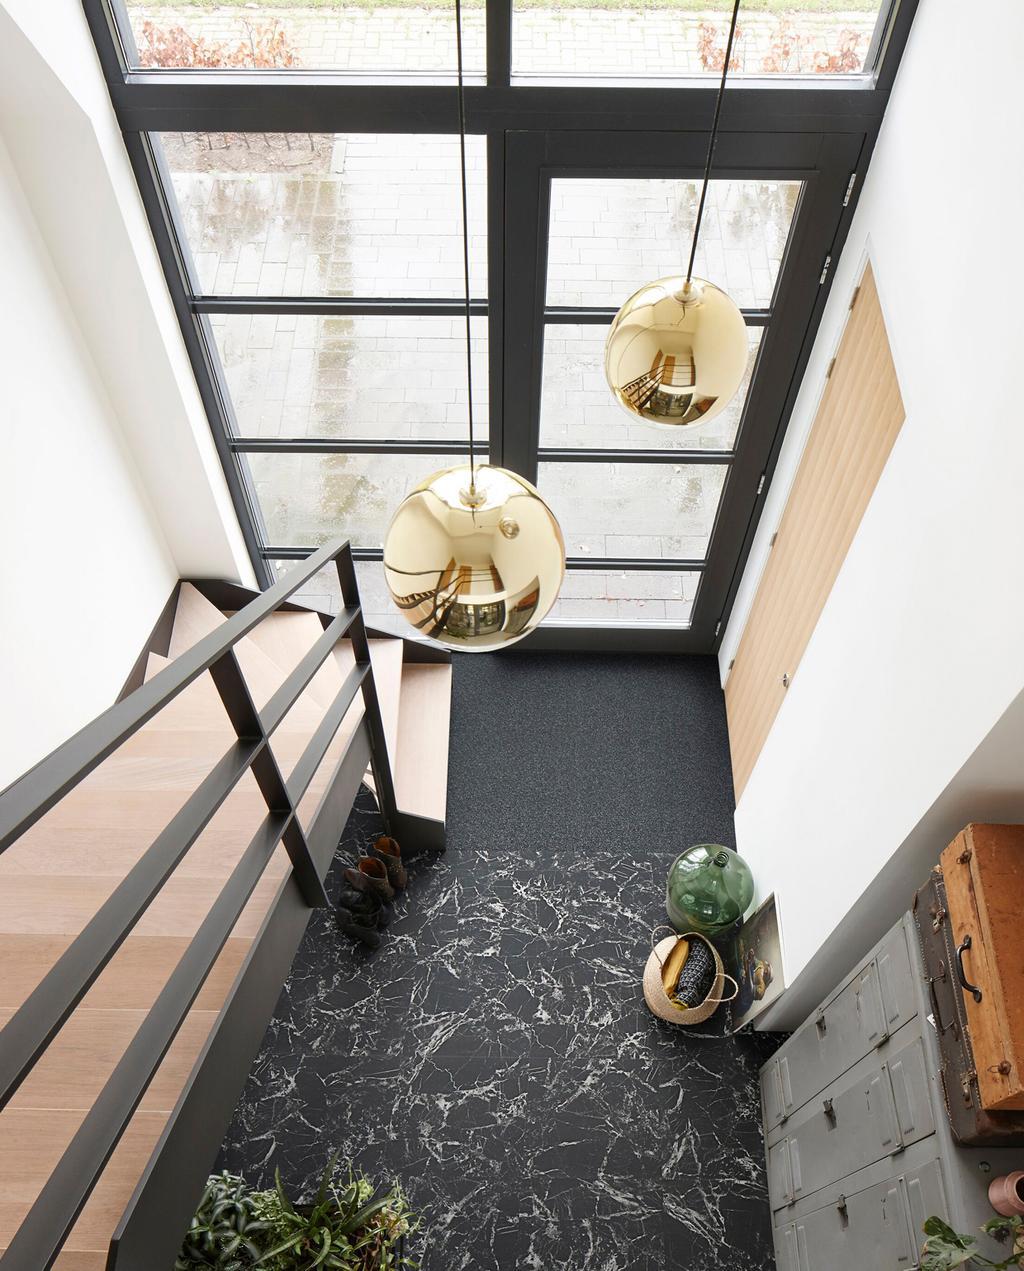 Nieuwe vloer nodig? 3x showstelers voor élke ruimte in huis